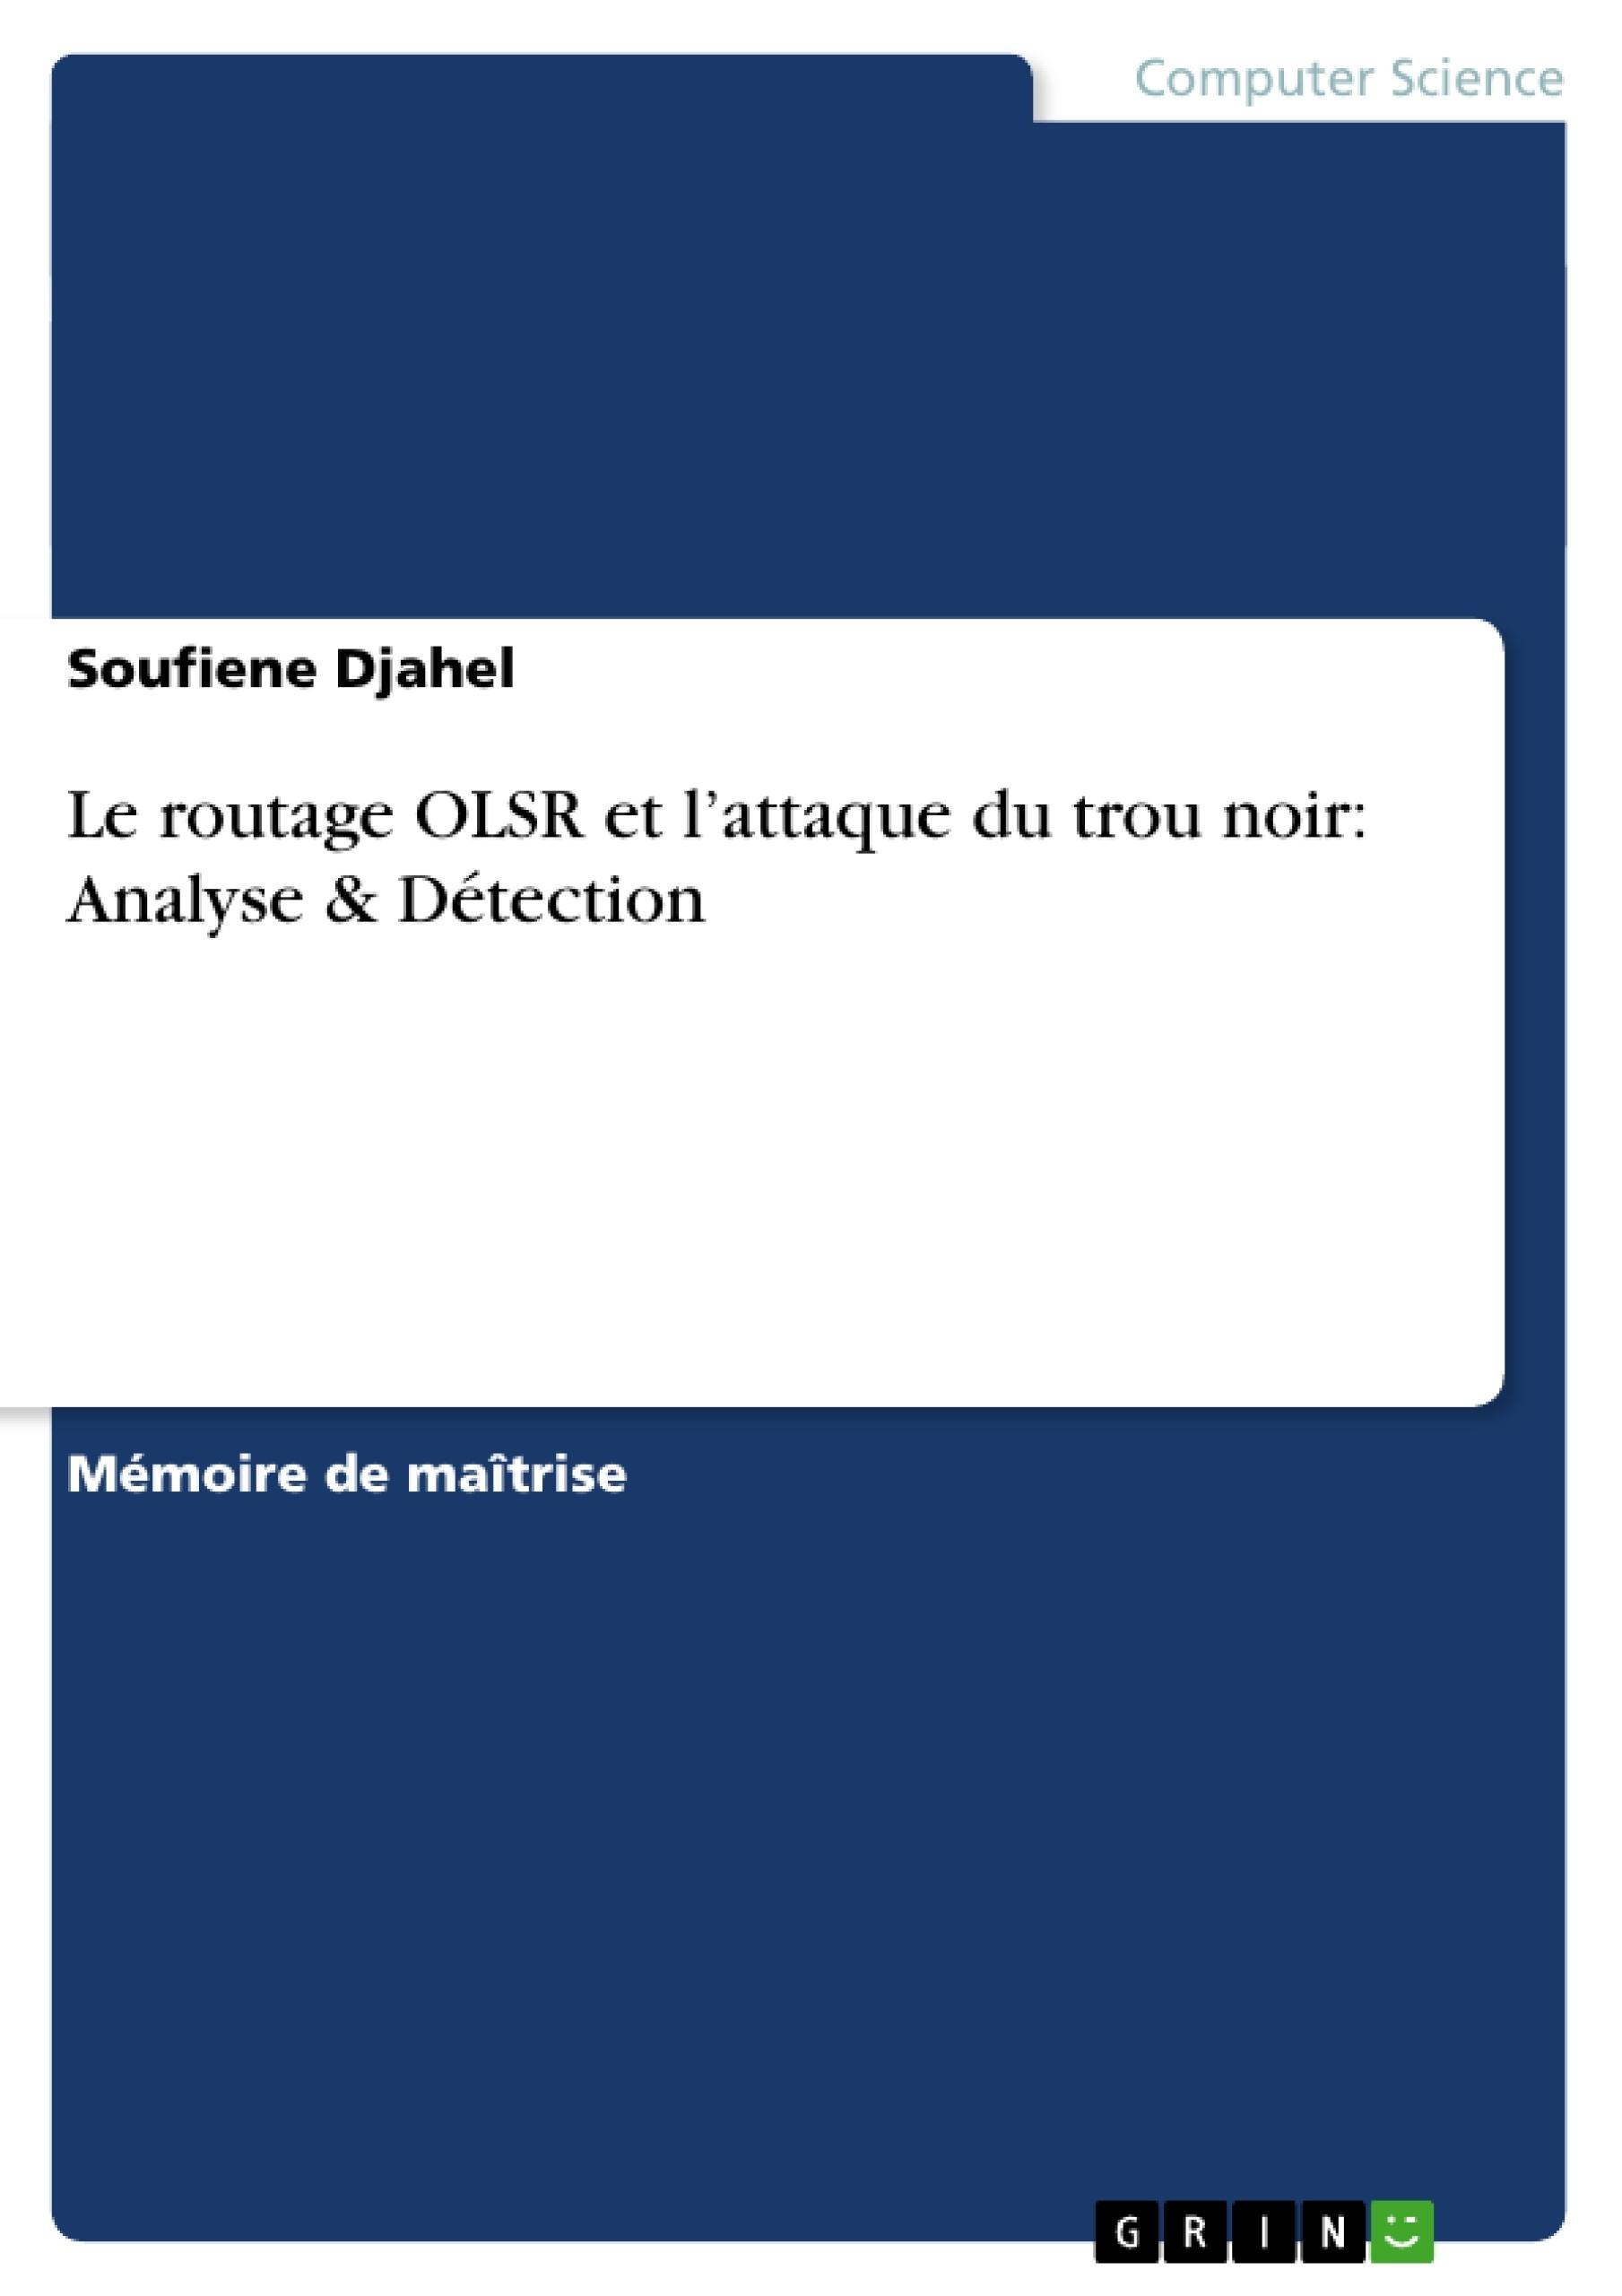 Titre: Le routage OLSR et l'attaque du trou noir: Analyse & Détection